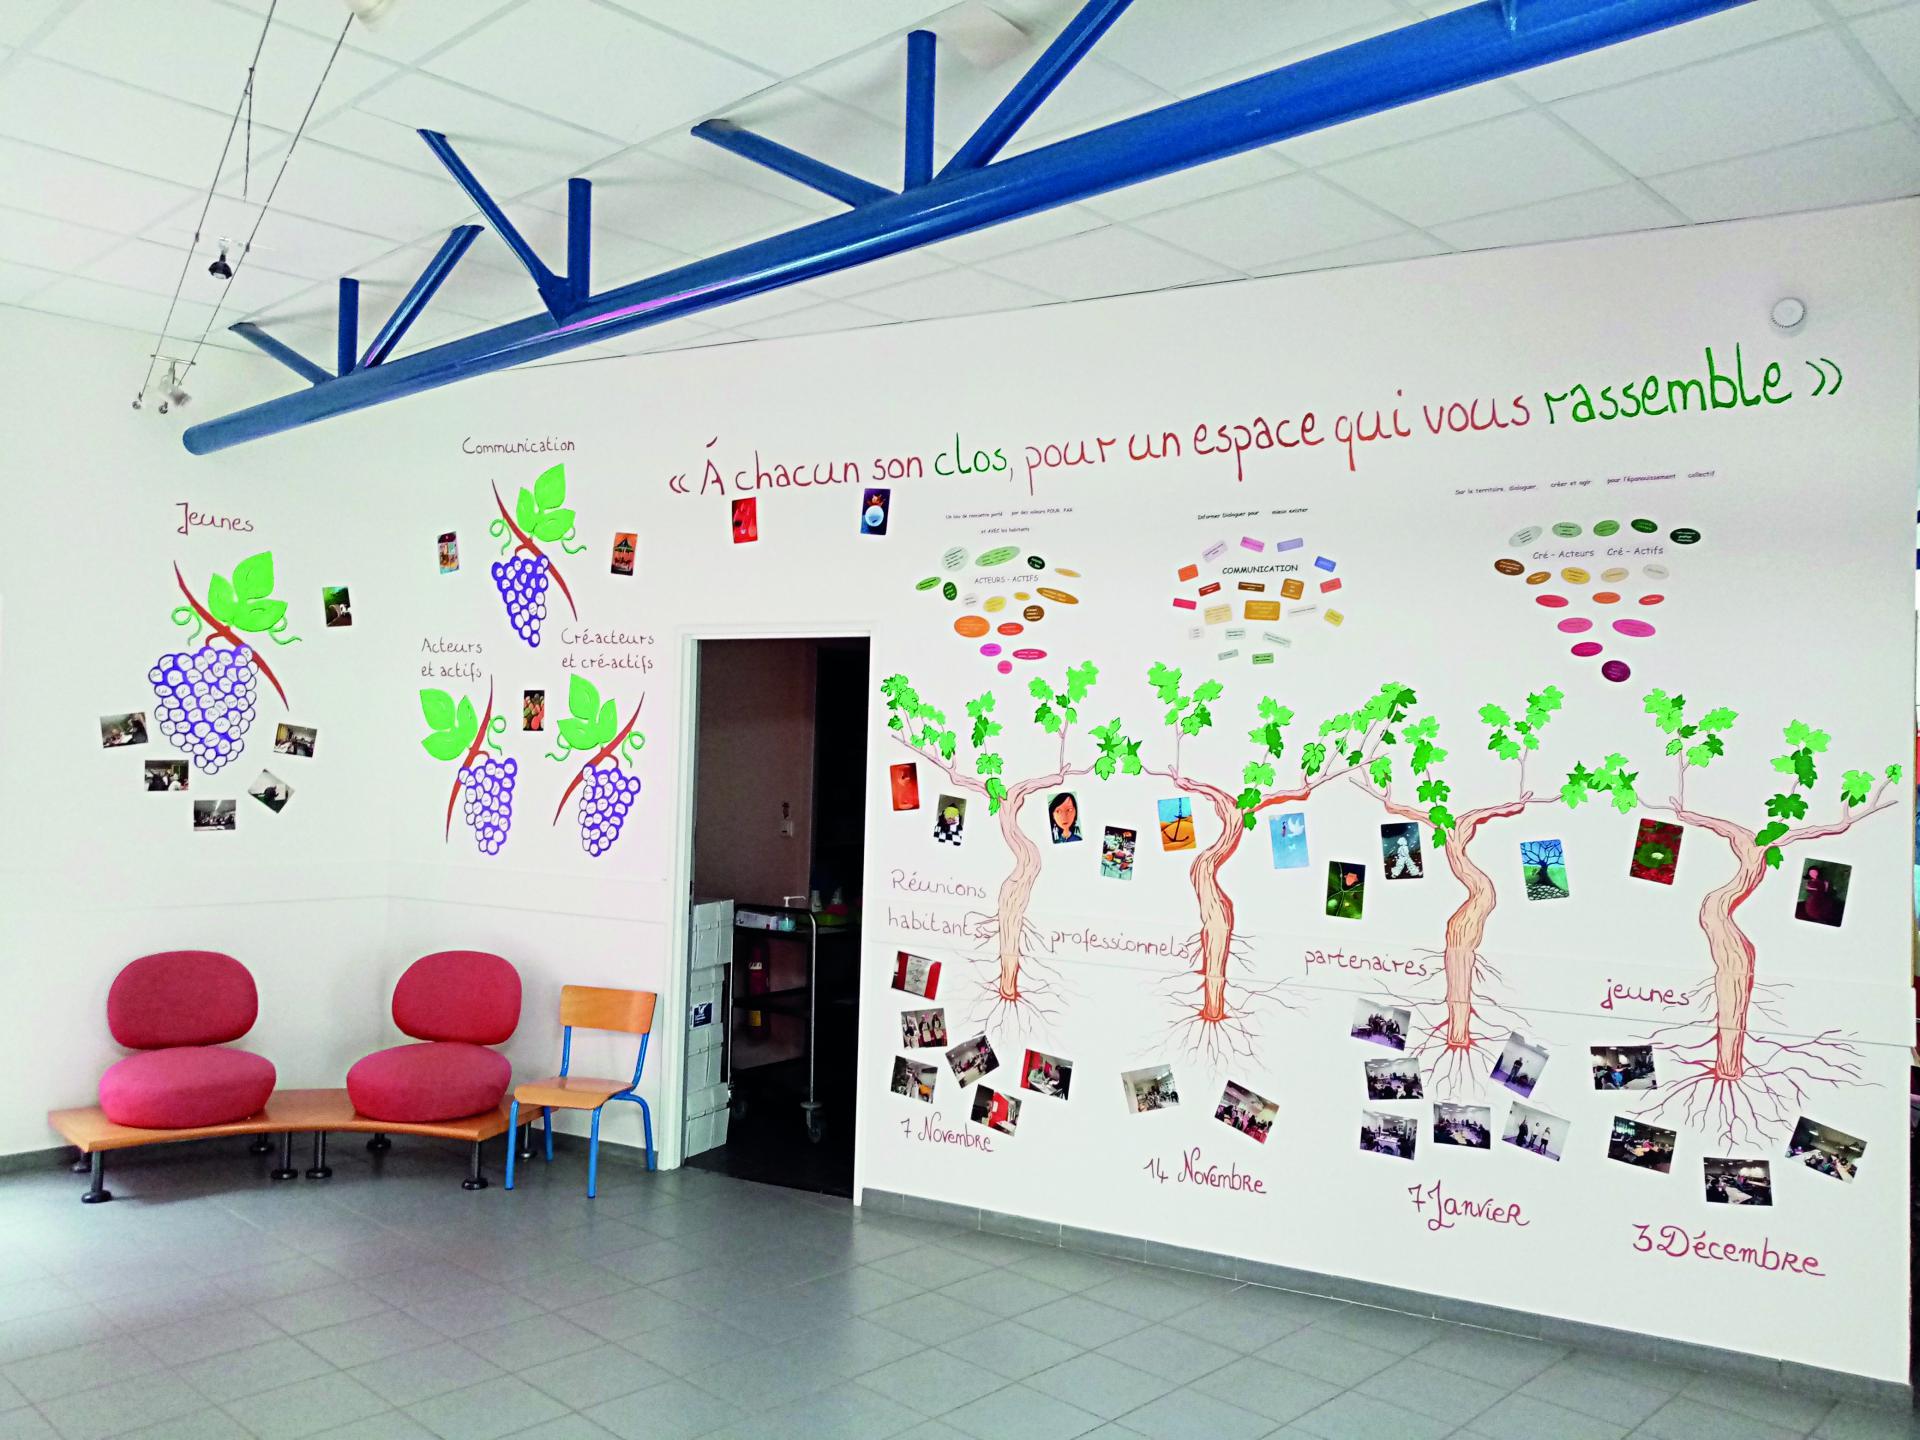 Renouvellement du projet social du centre... pour un espace qui vous rassemble